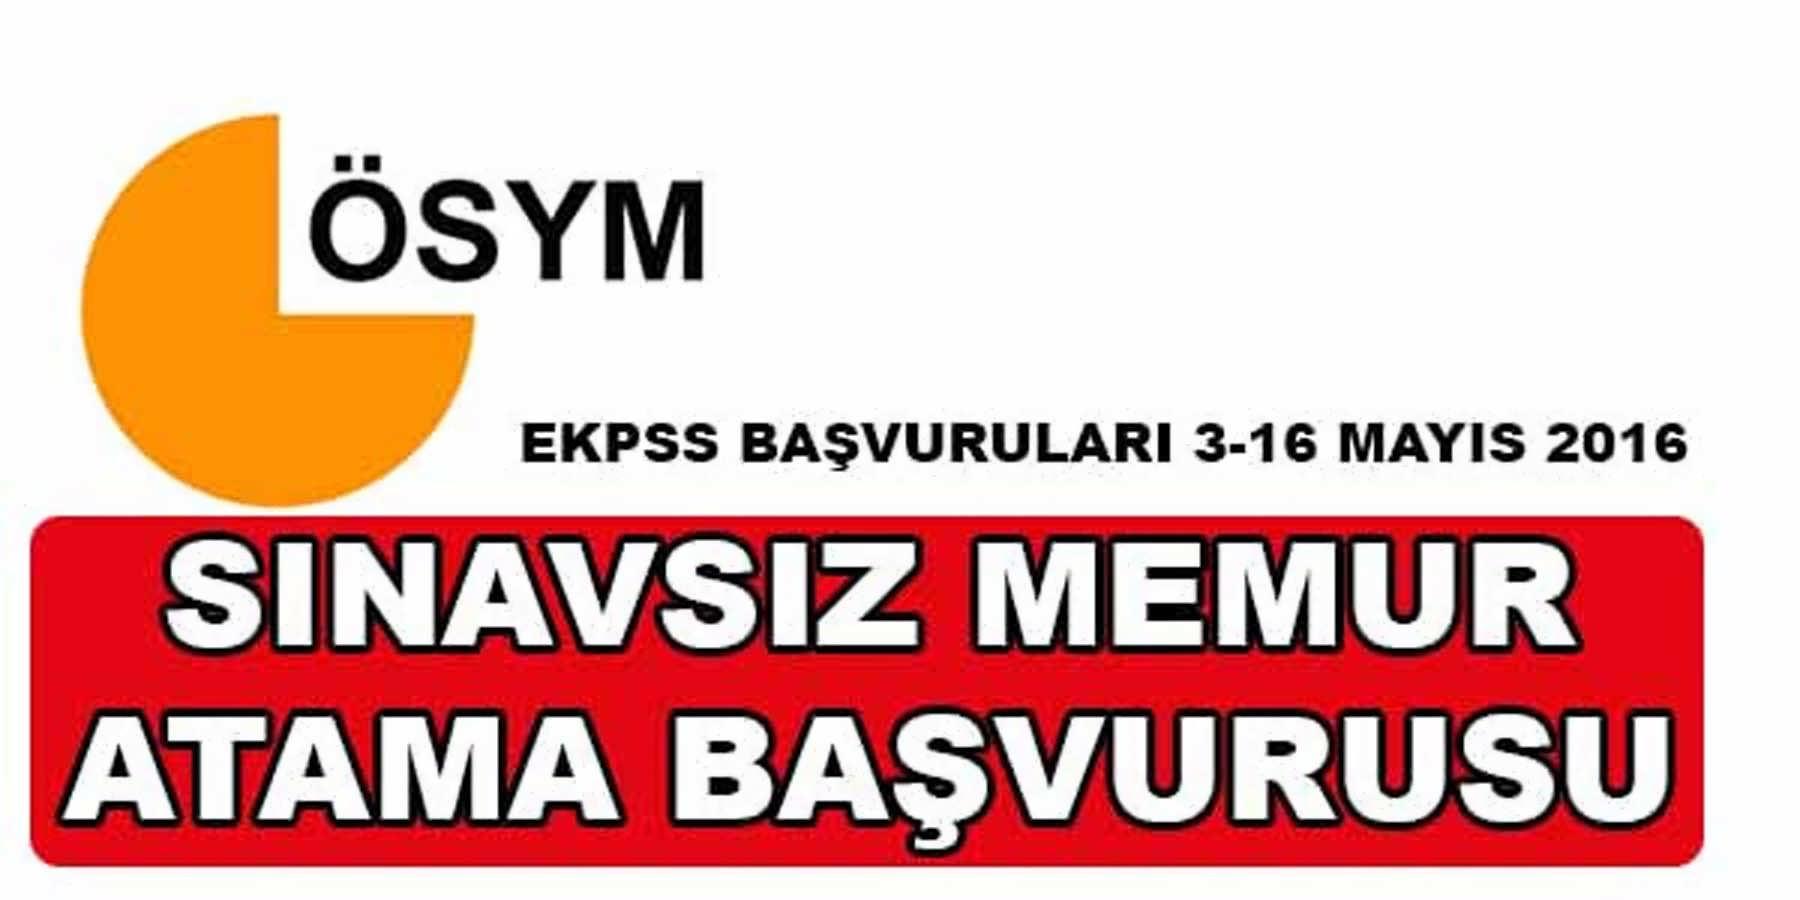 EKPSS 2016 Sınavsız Memur Atama Başvurusu